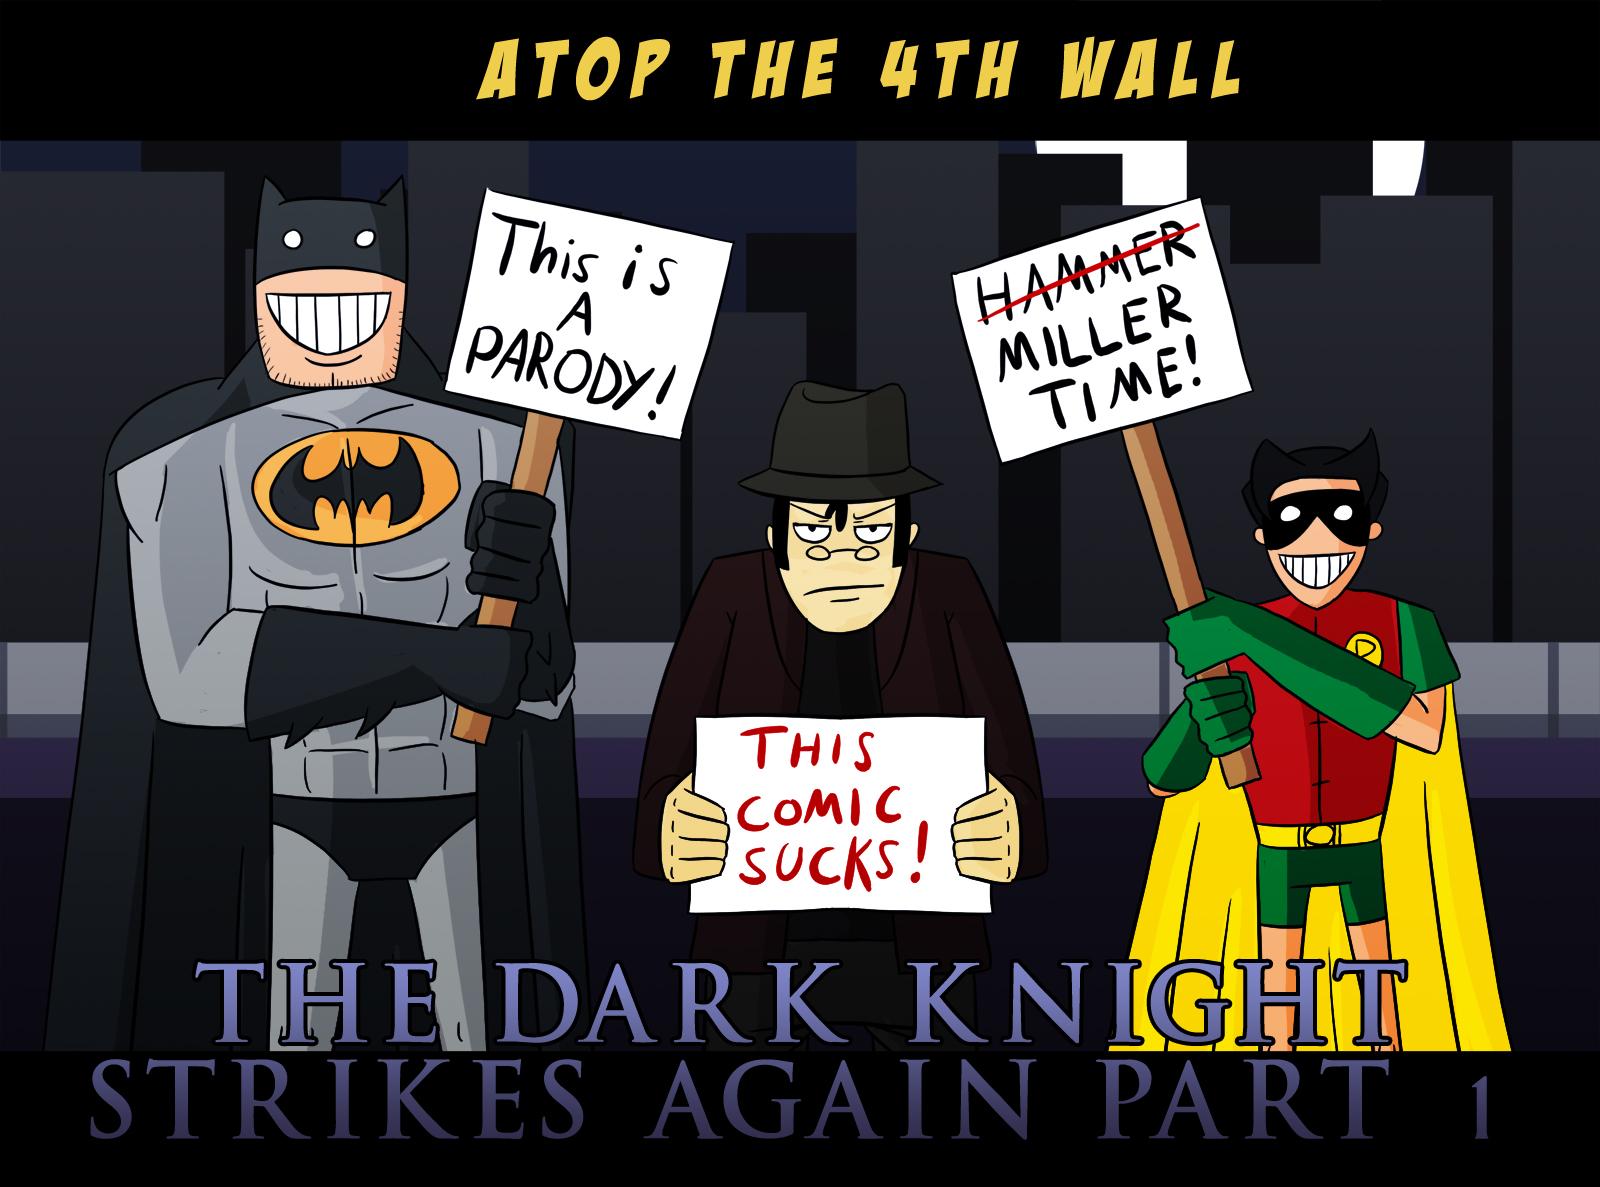 The Dark Knight Strikes Again Part 1